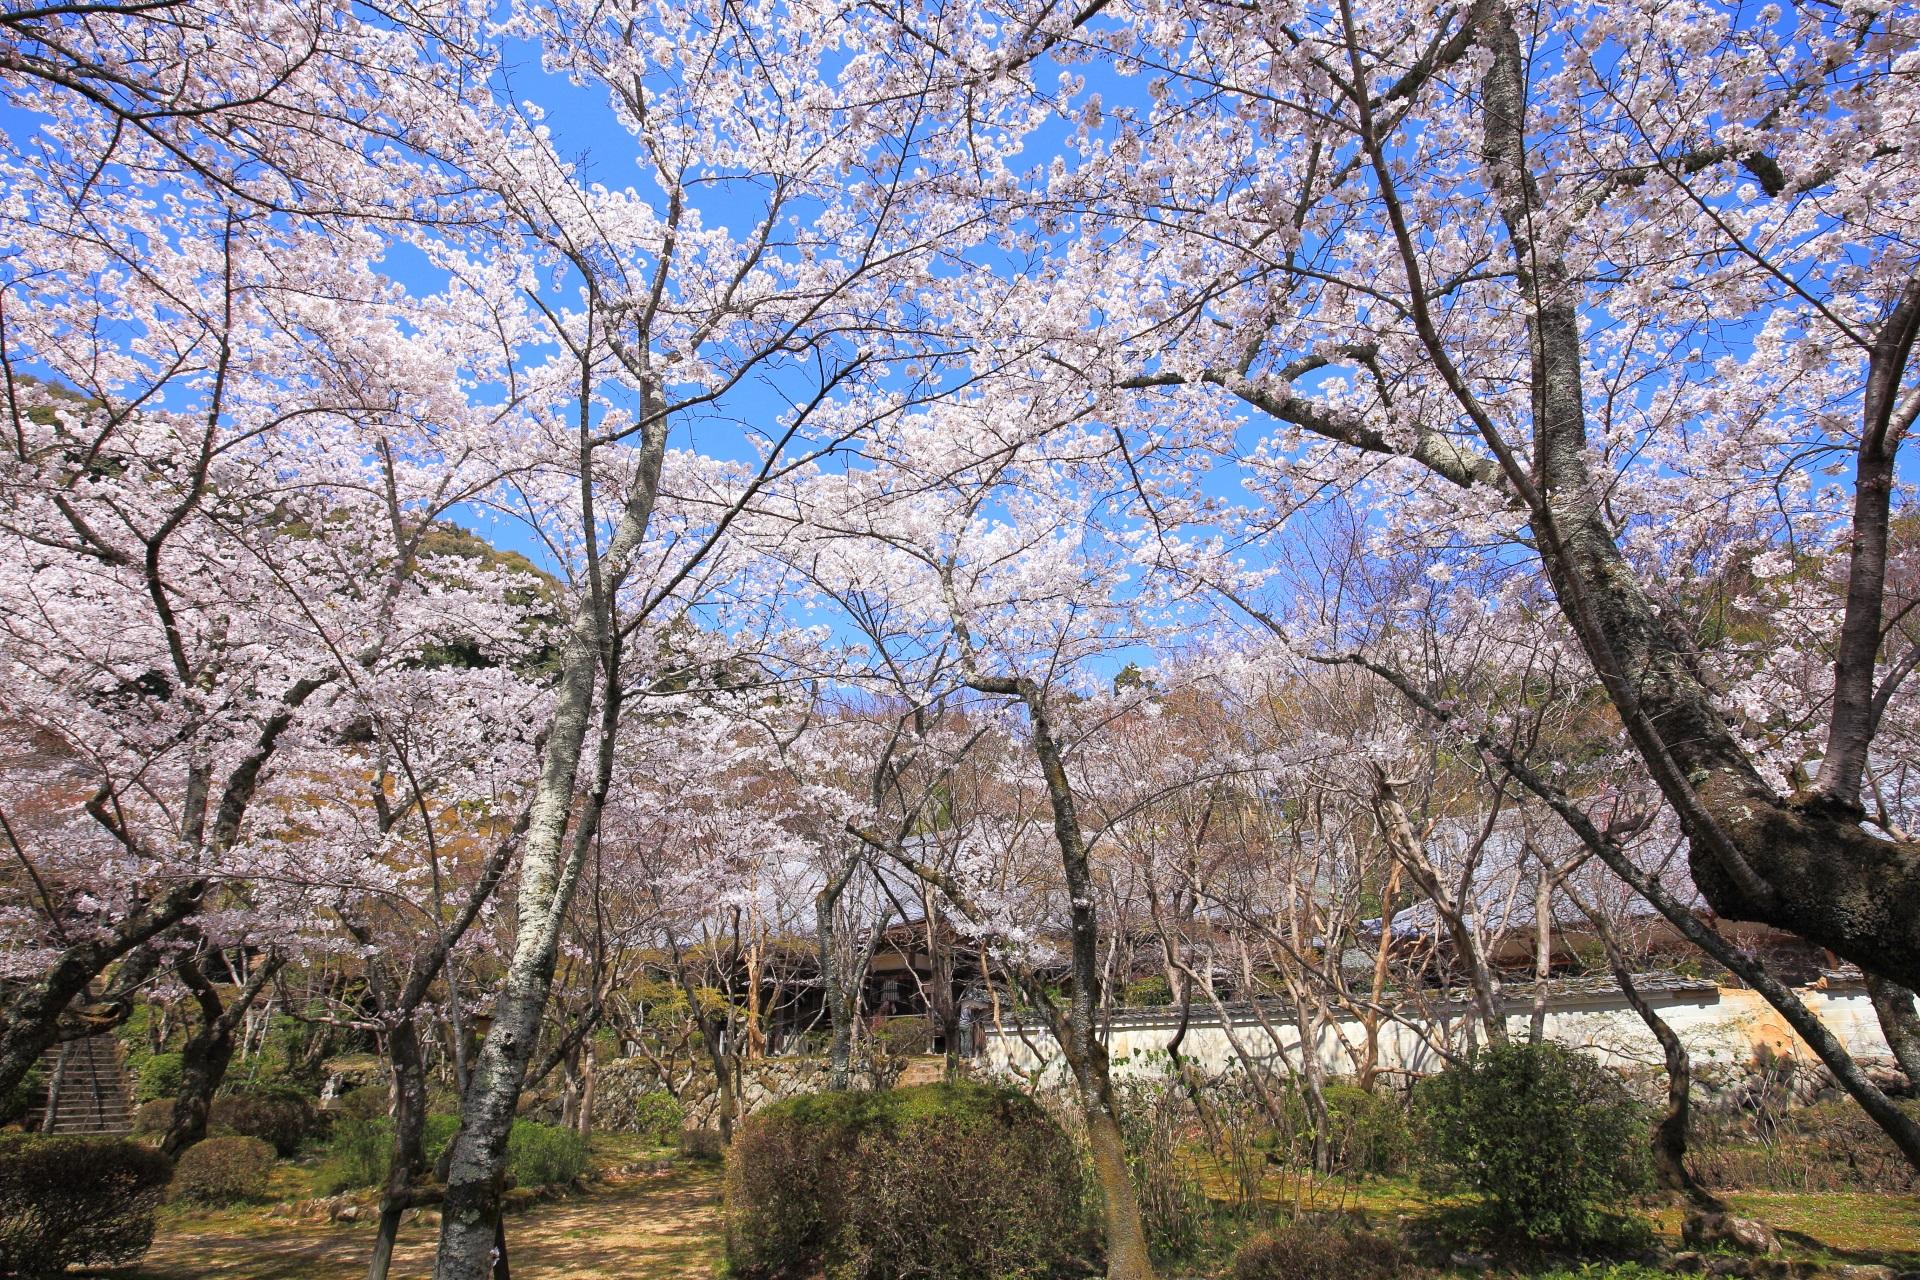 勝持寺の阿弥陀堂や瑠璃光堂前の桜